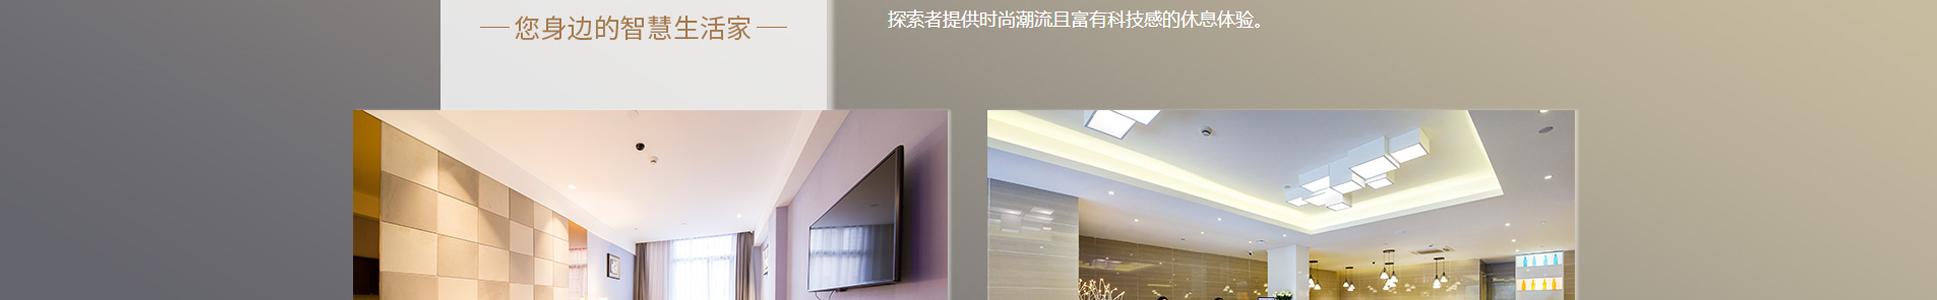 Zsmart智尚酒店zsjd_11